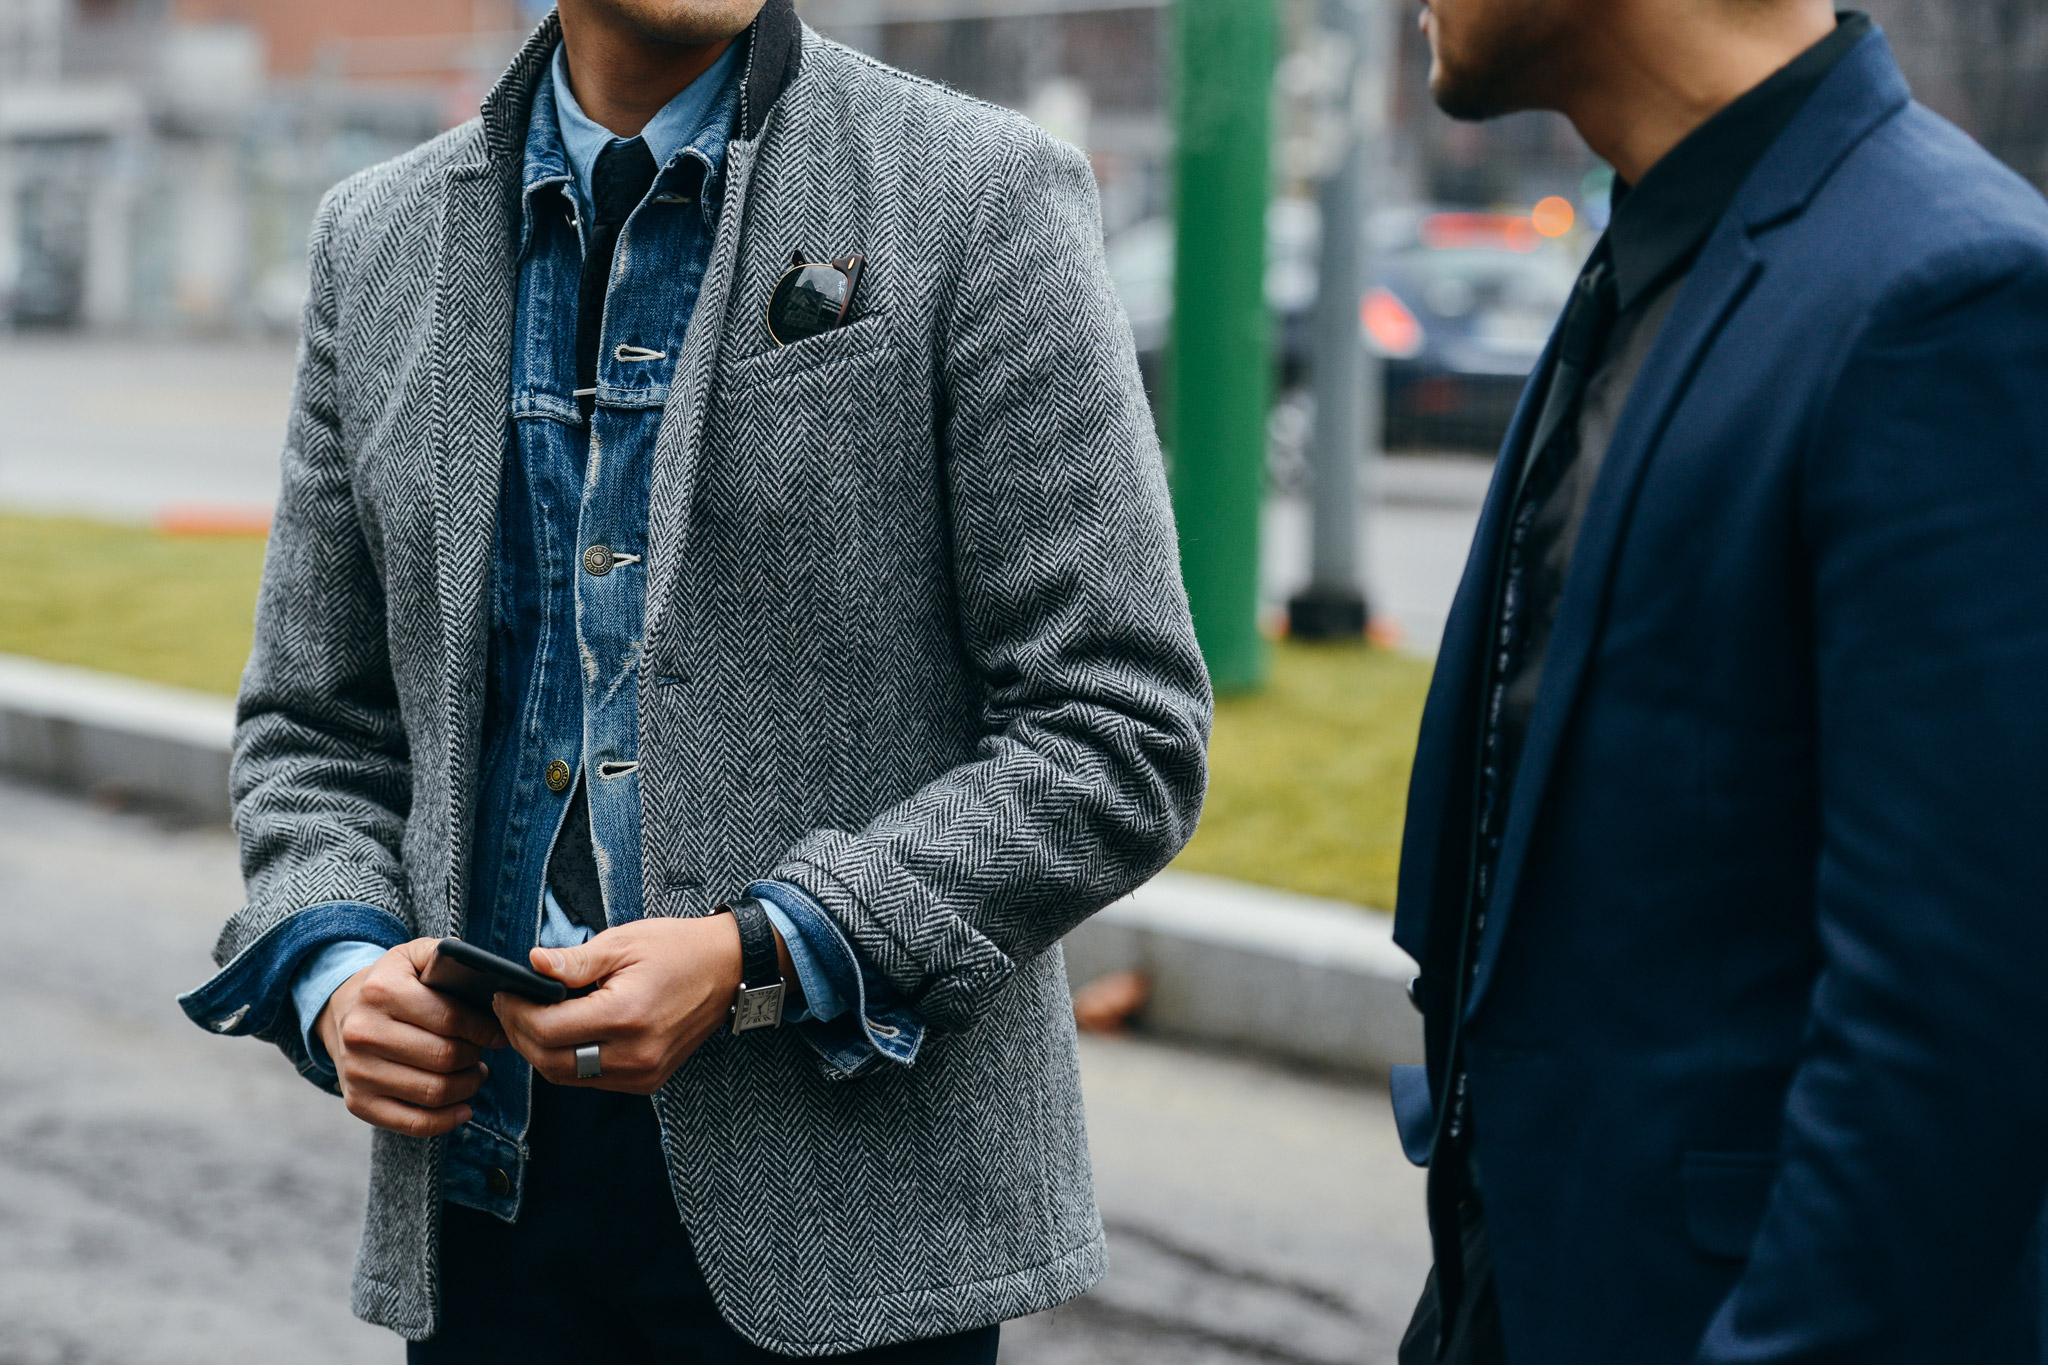 STREET-STYLE_18-tommy-ton-fall-2015-menswear-street-style-03